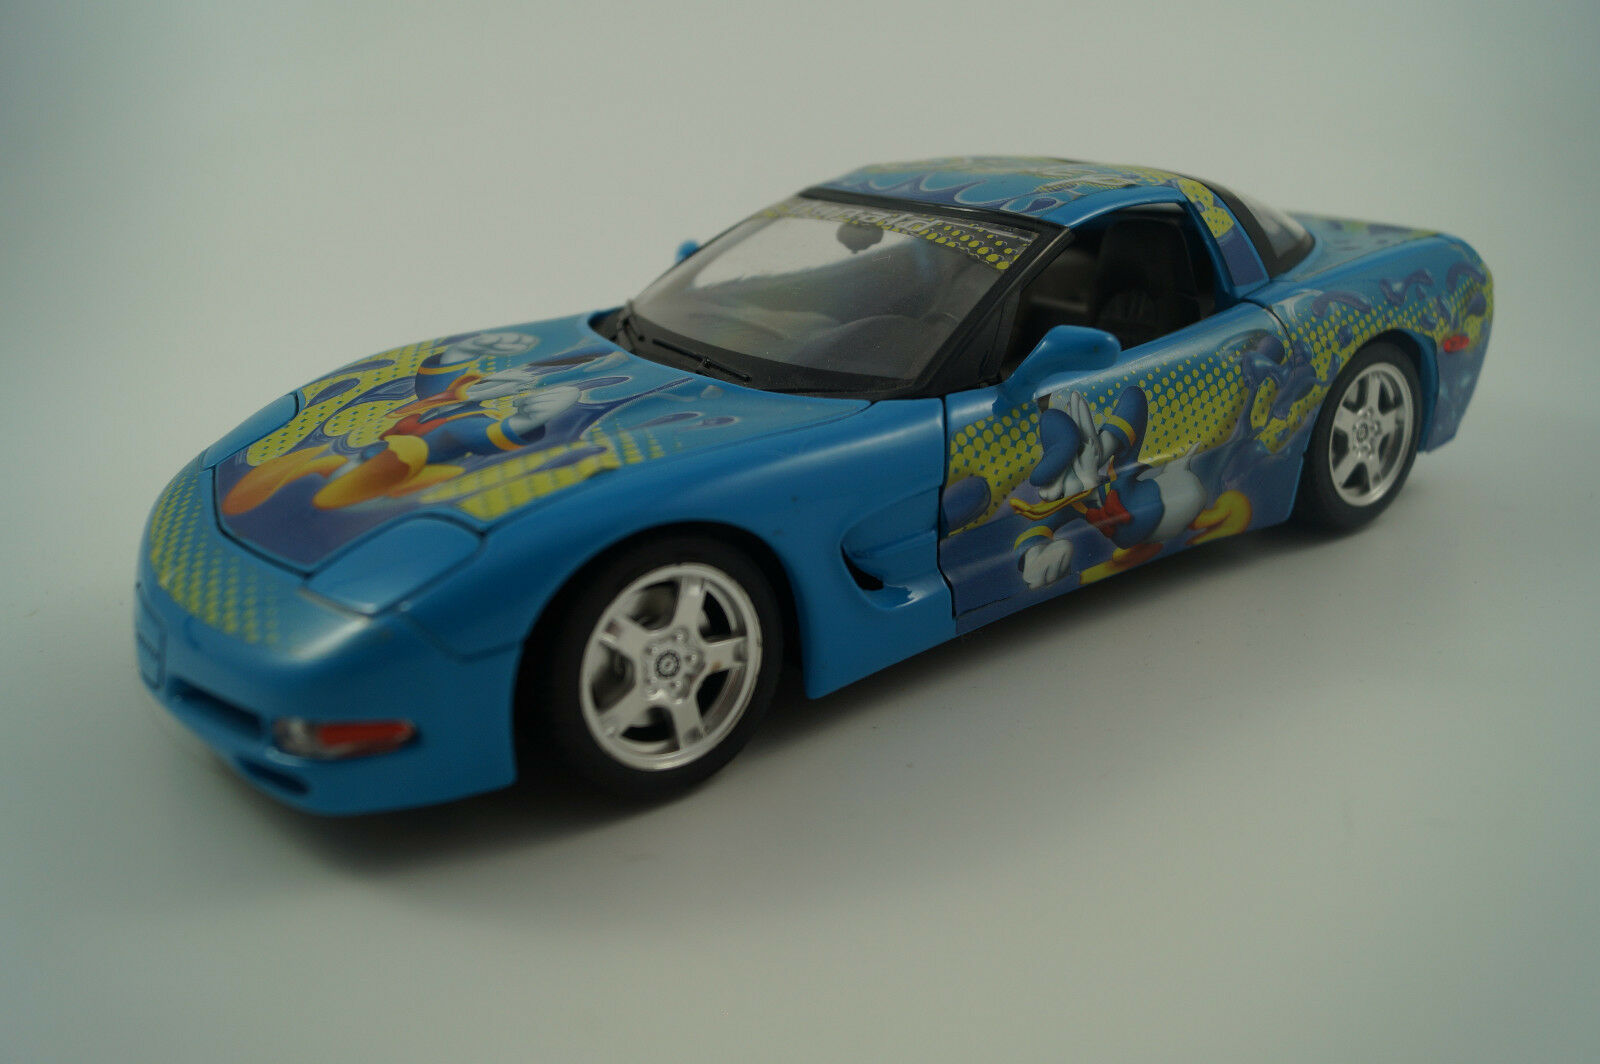 marcas de moda Bburago Burago coche modelo 1 18 Chevrolet Chevrolet Chevrolet Corvette c5 1997 Donald  precios ultra bajos